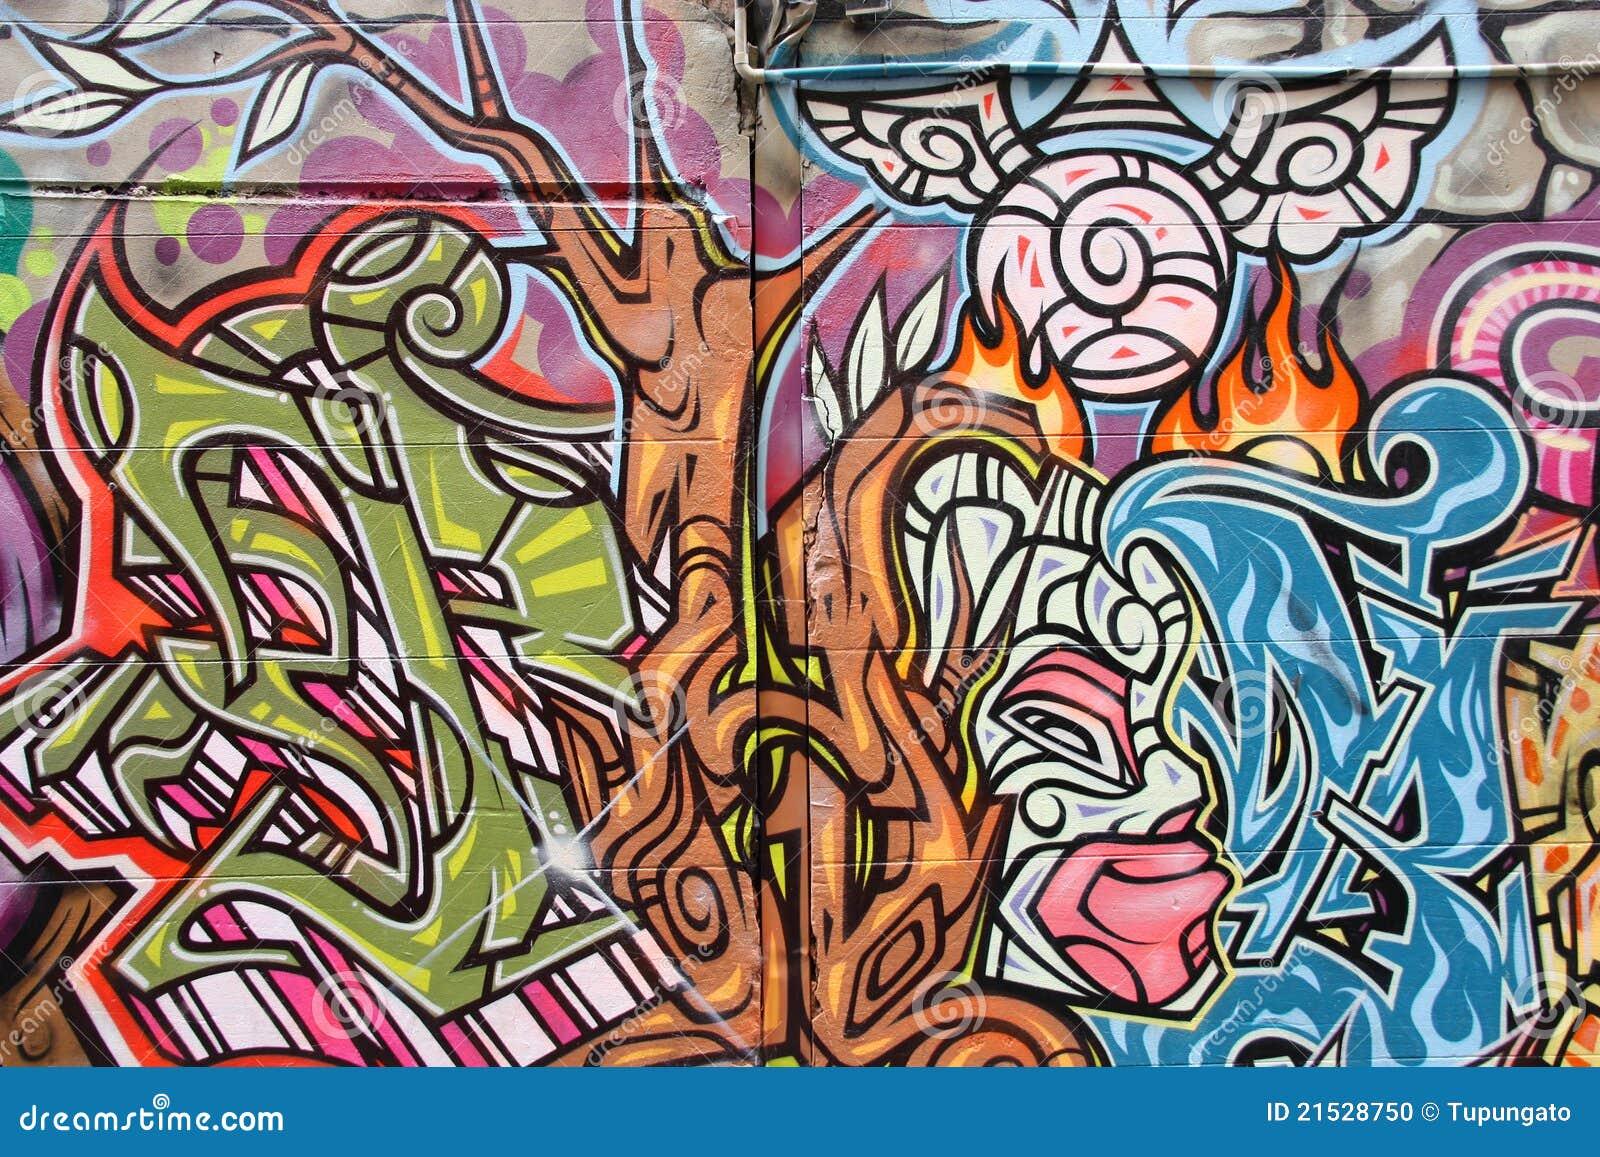 Graffitikunst in Australien